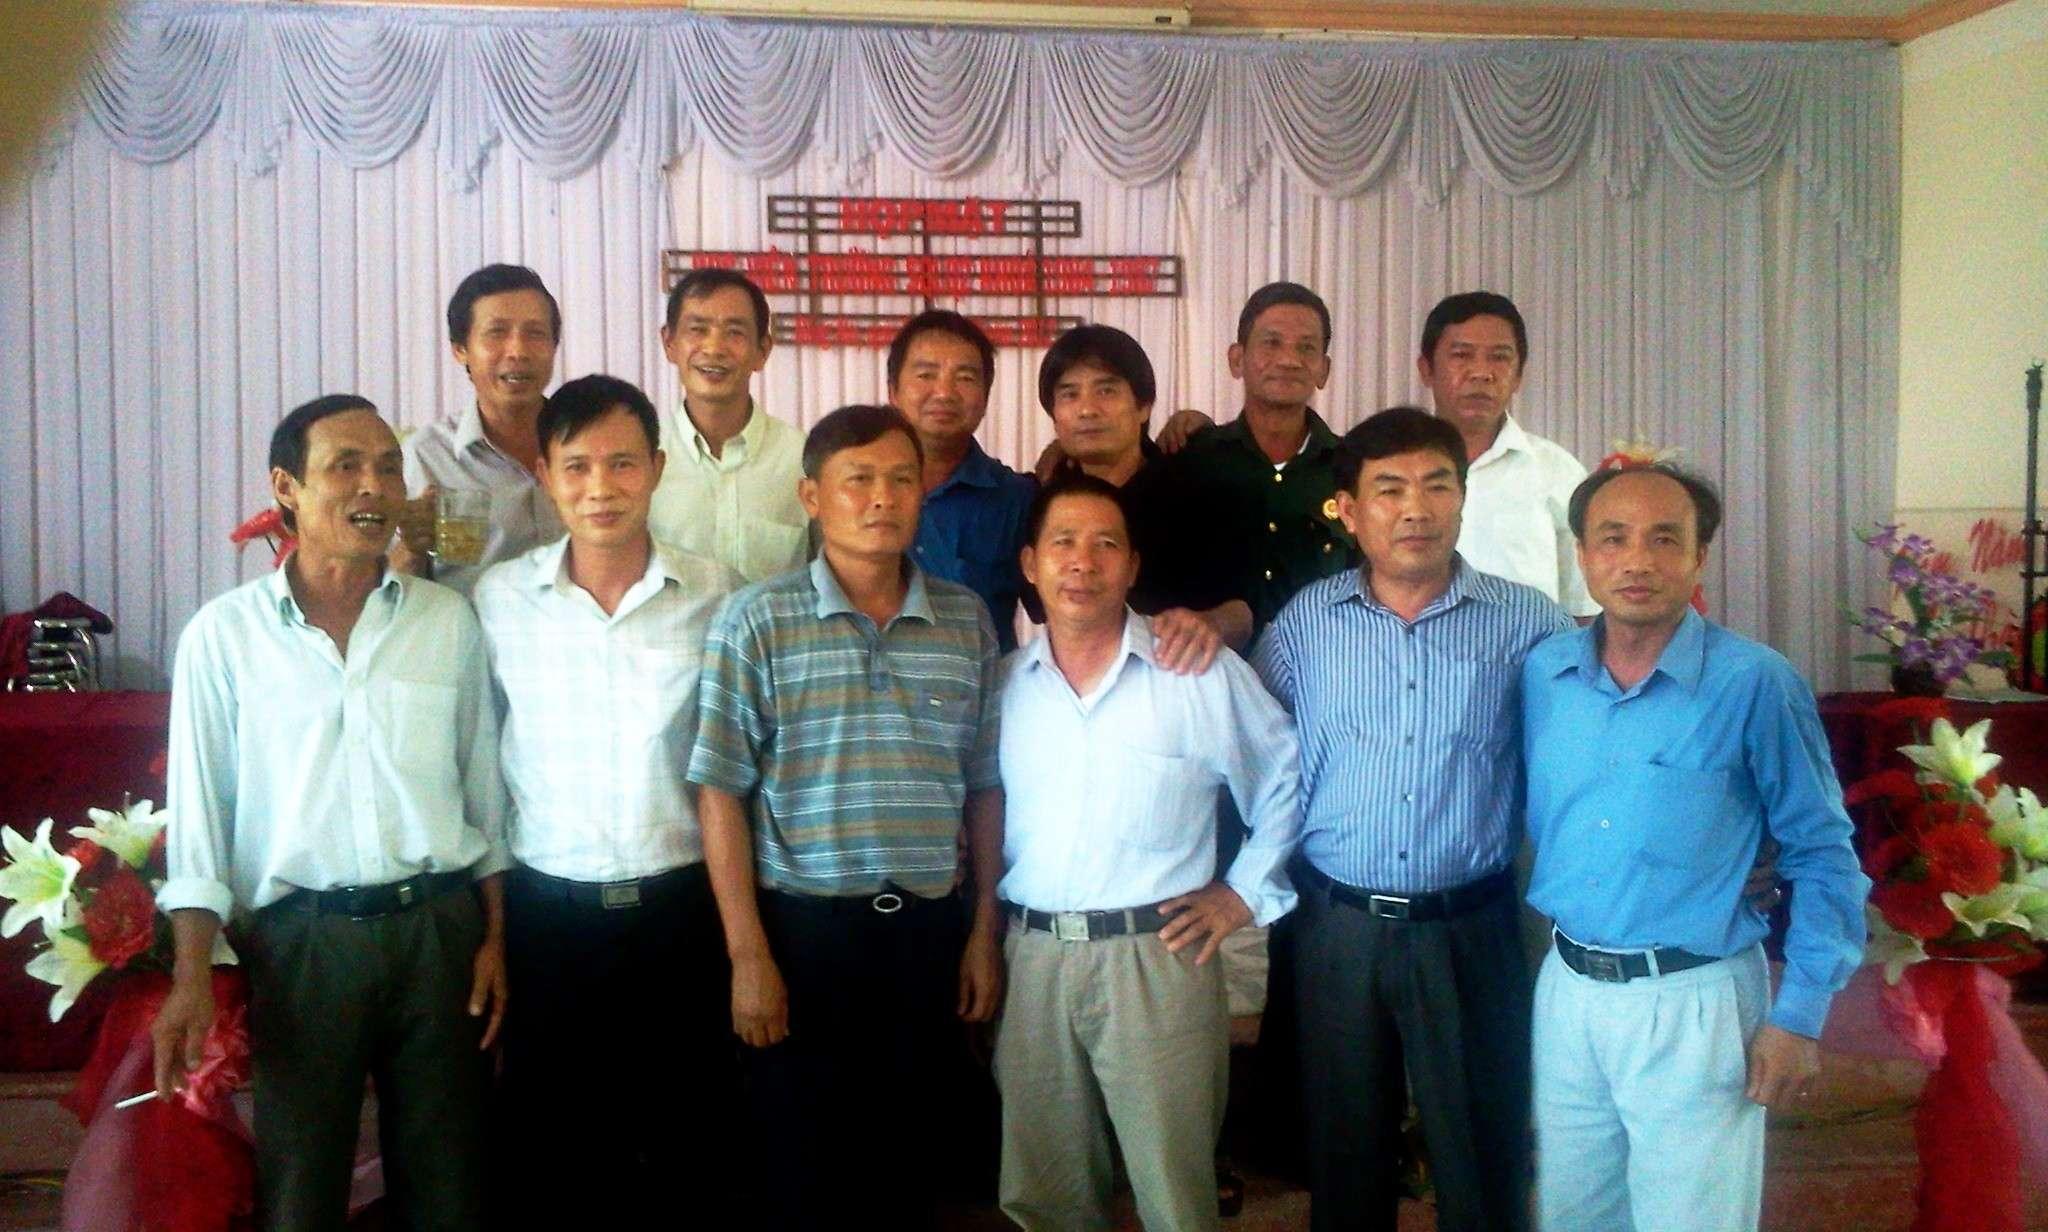 Hình ảnh cựu HV khóa 7 họp mặt kỷ niệm 25 năm tốt nghiệp SQLQ2 2012-032